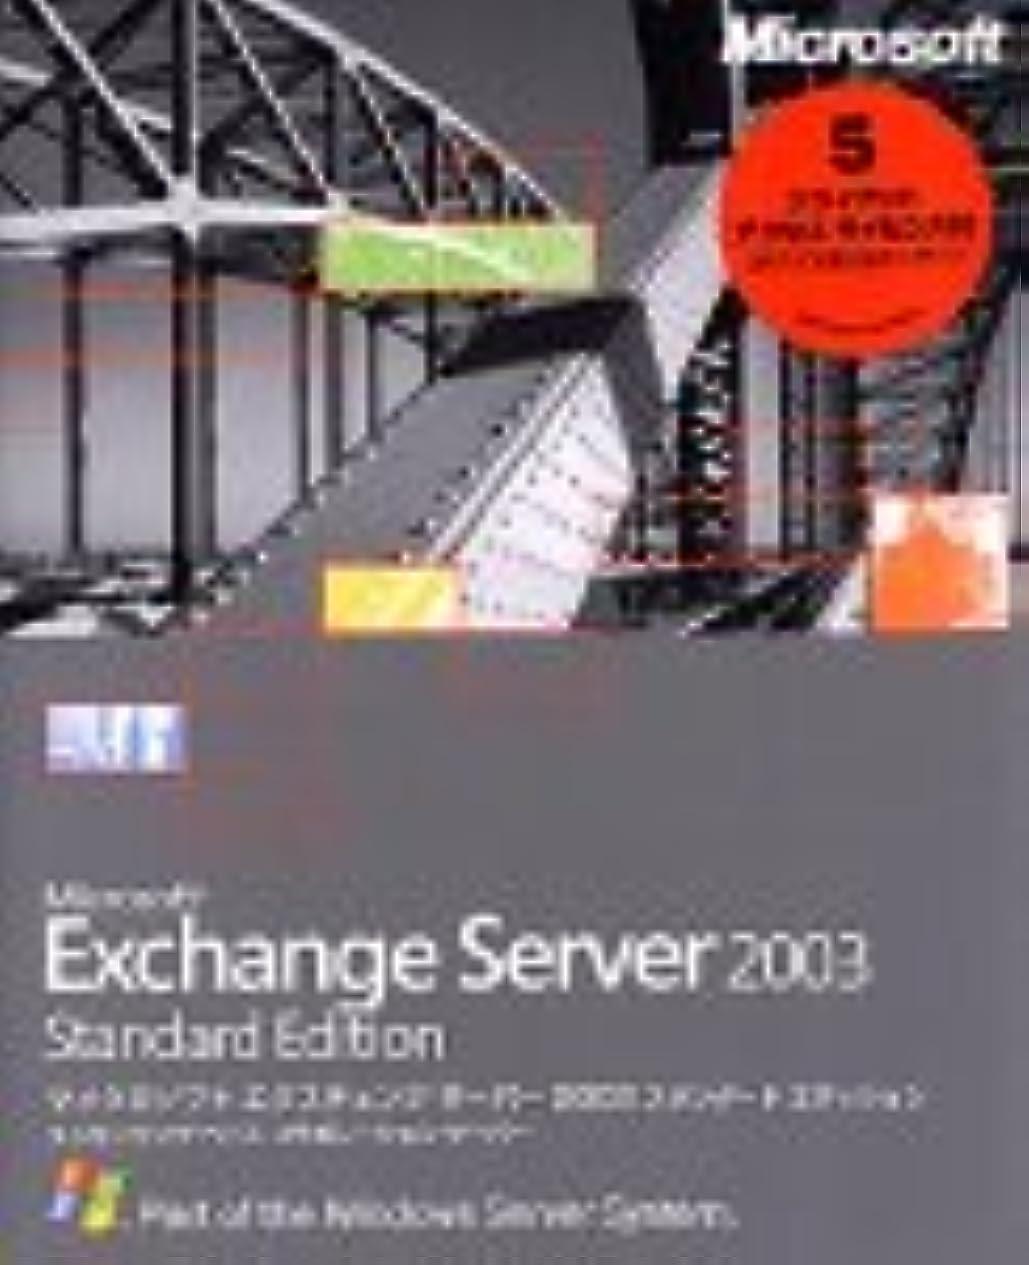 あいまいさ思い出ただやるMicrosoft Exchange Server 2003 Standard Edition 5クライアントアクセスライセンス付